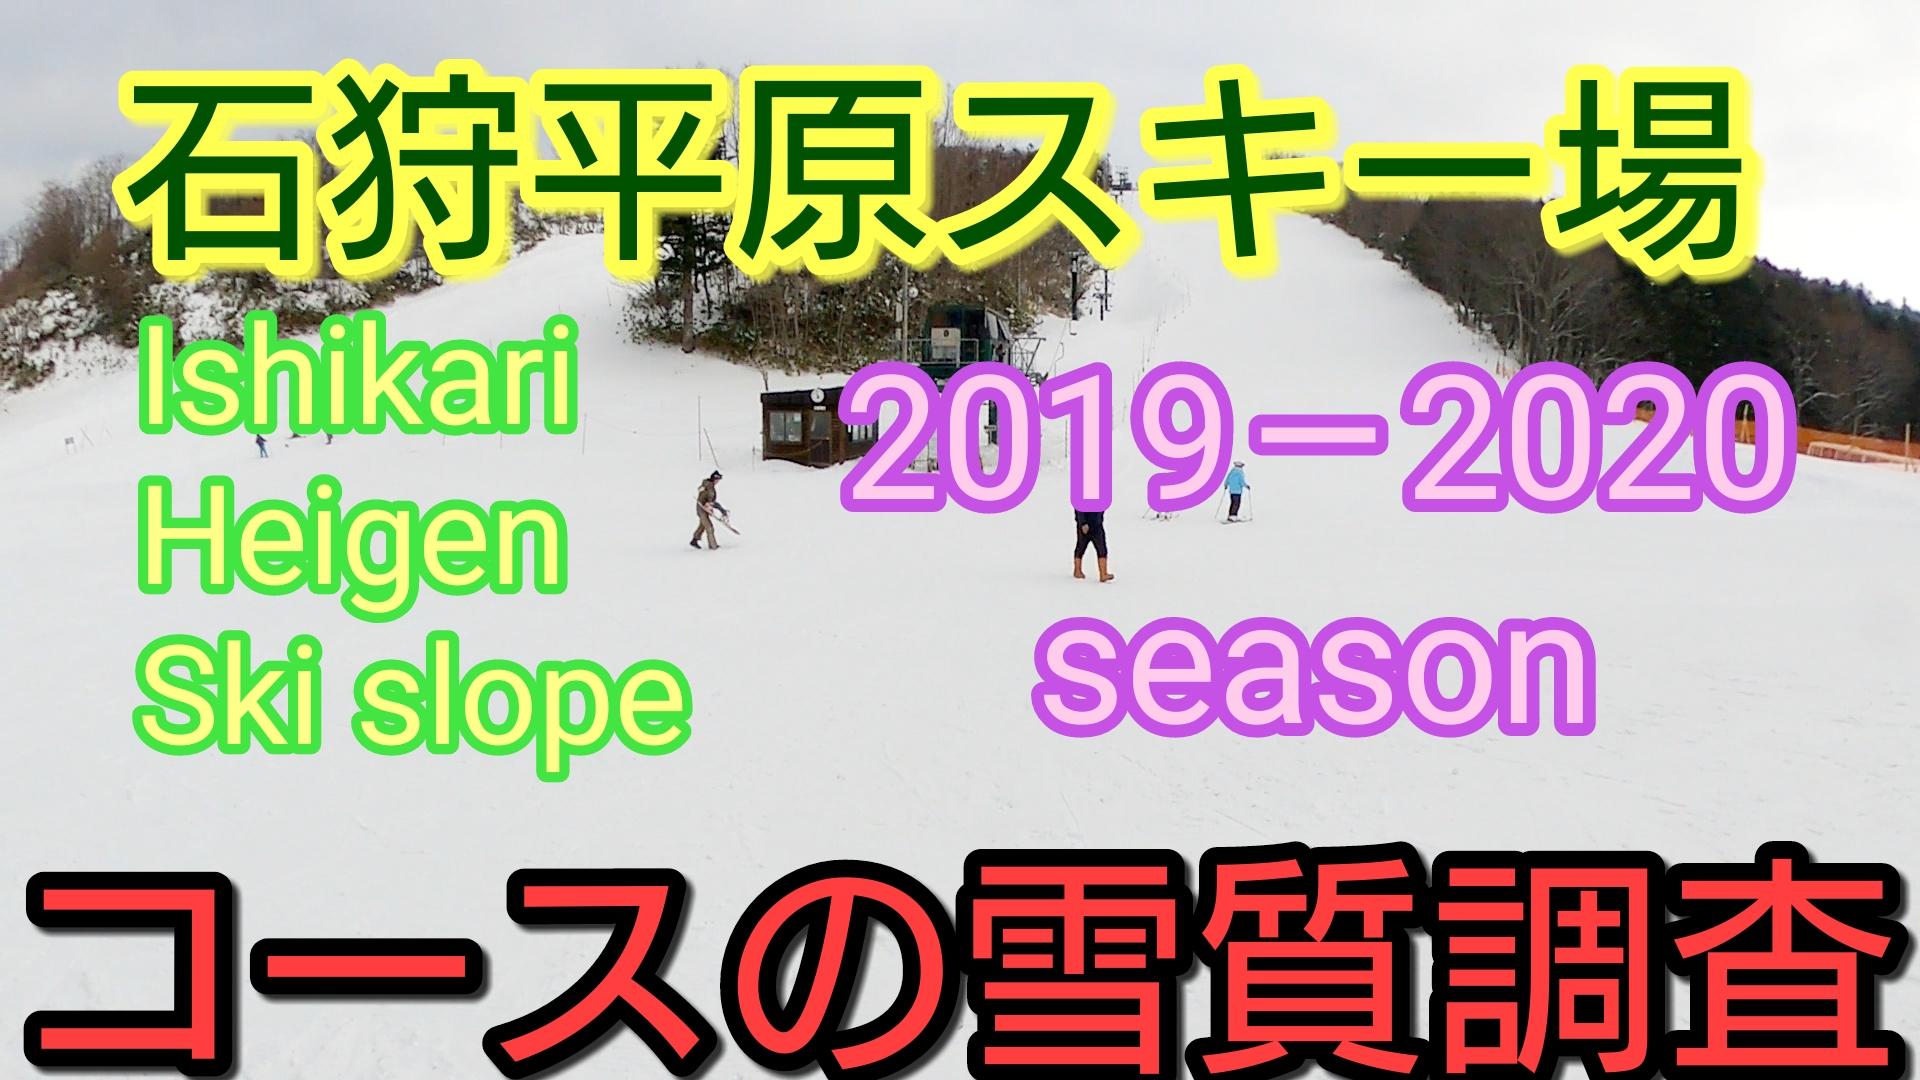 20192020シーズン(Season)石狩平原スキー場(ISHIKARI HEIGEN SKI resort)のコースの雪質や積雪をブログで紹介!